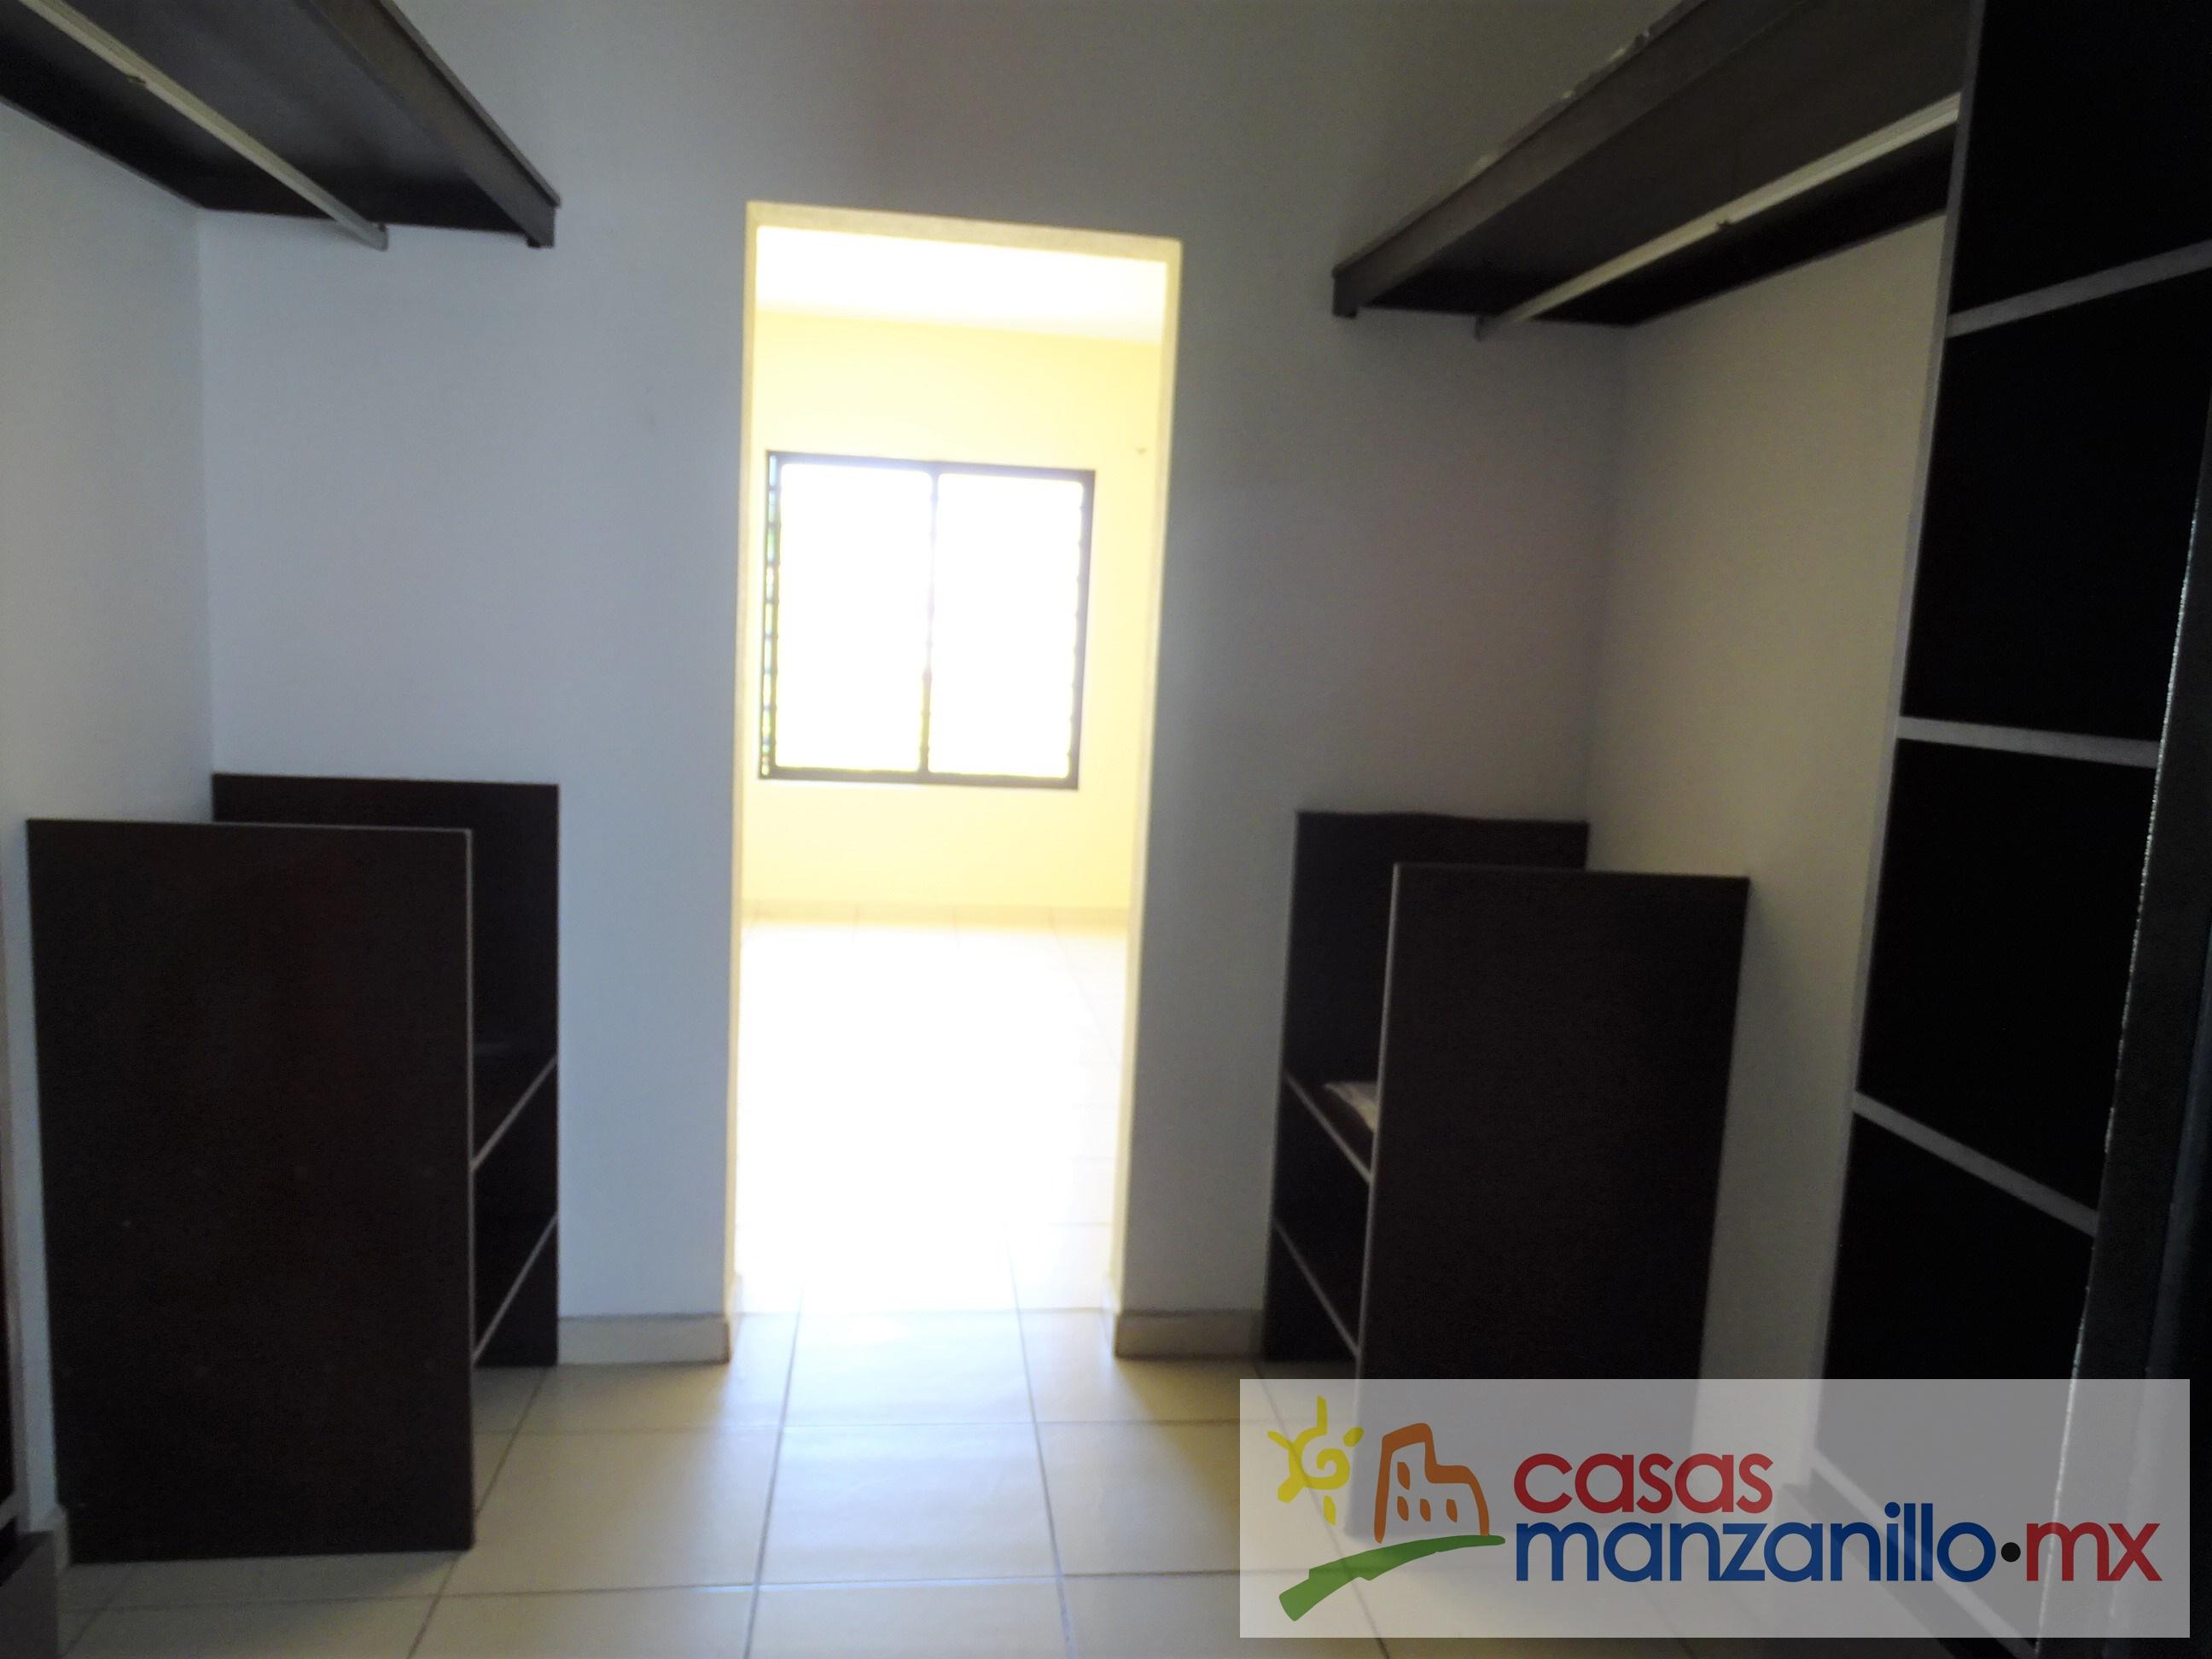 Casas RENTA Manzanillo - Almendros 3 (36